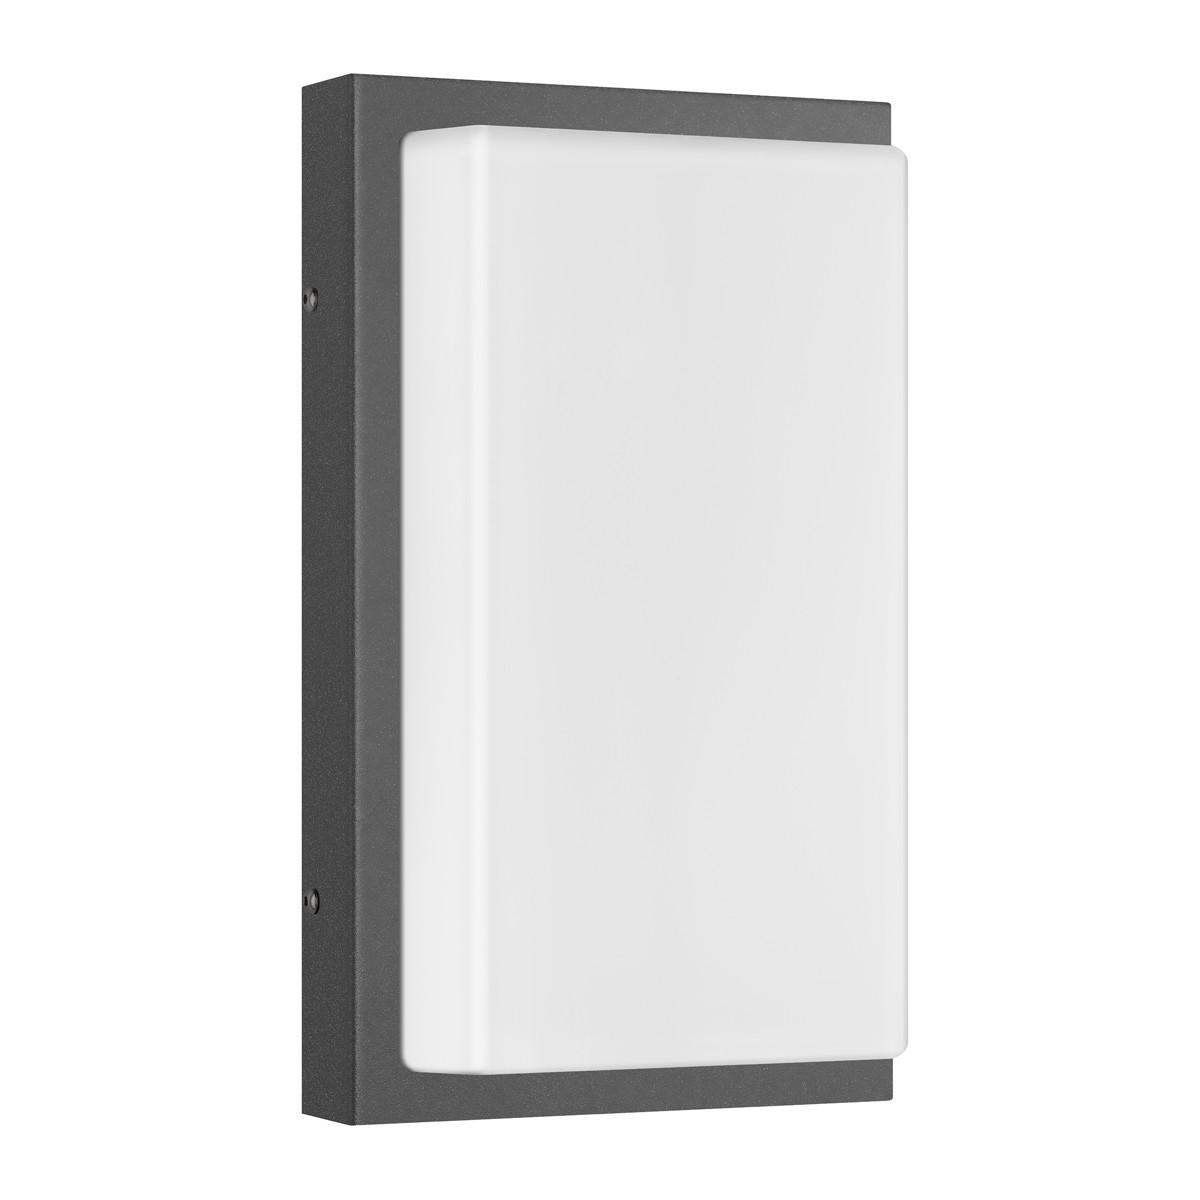 LCD Außenleuchten 058 Wandleuchte LED, graphit, ohne Bewegungsmelder